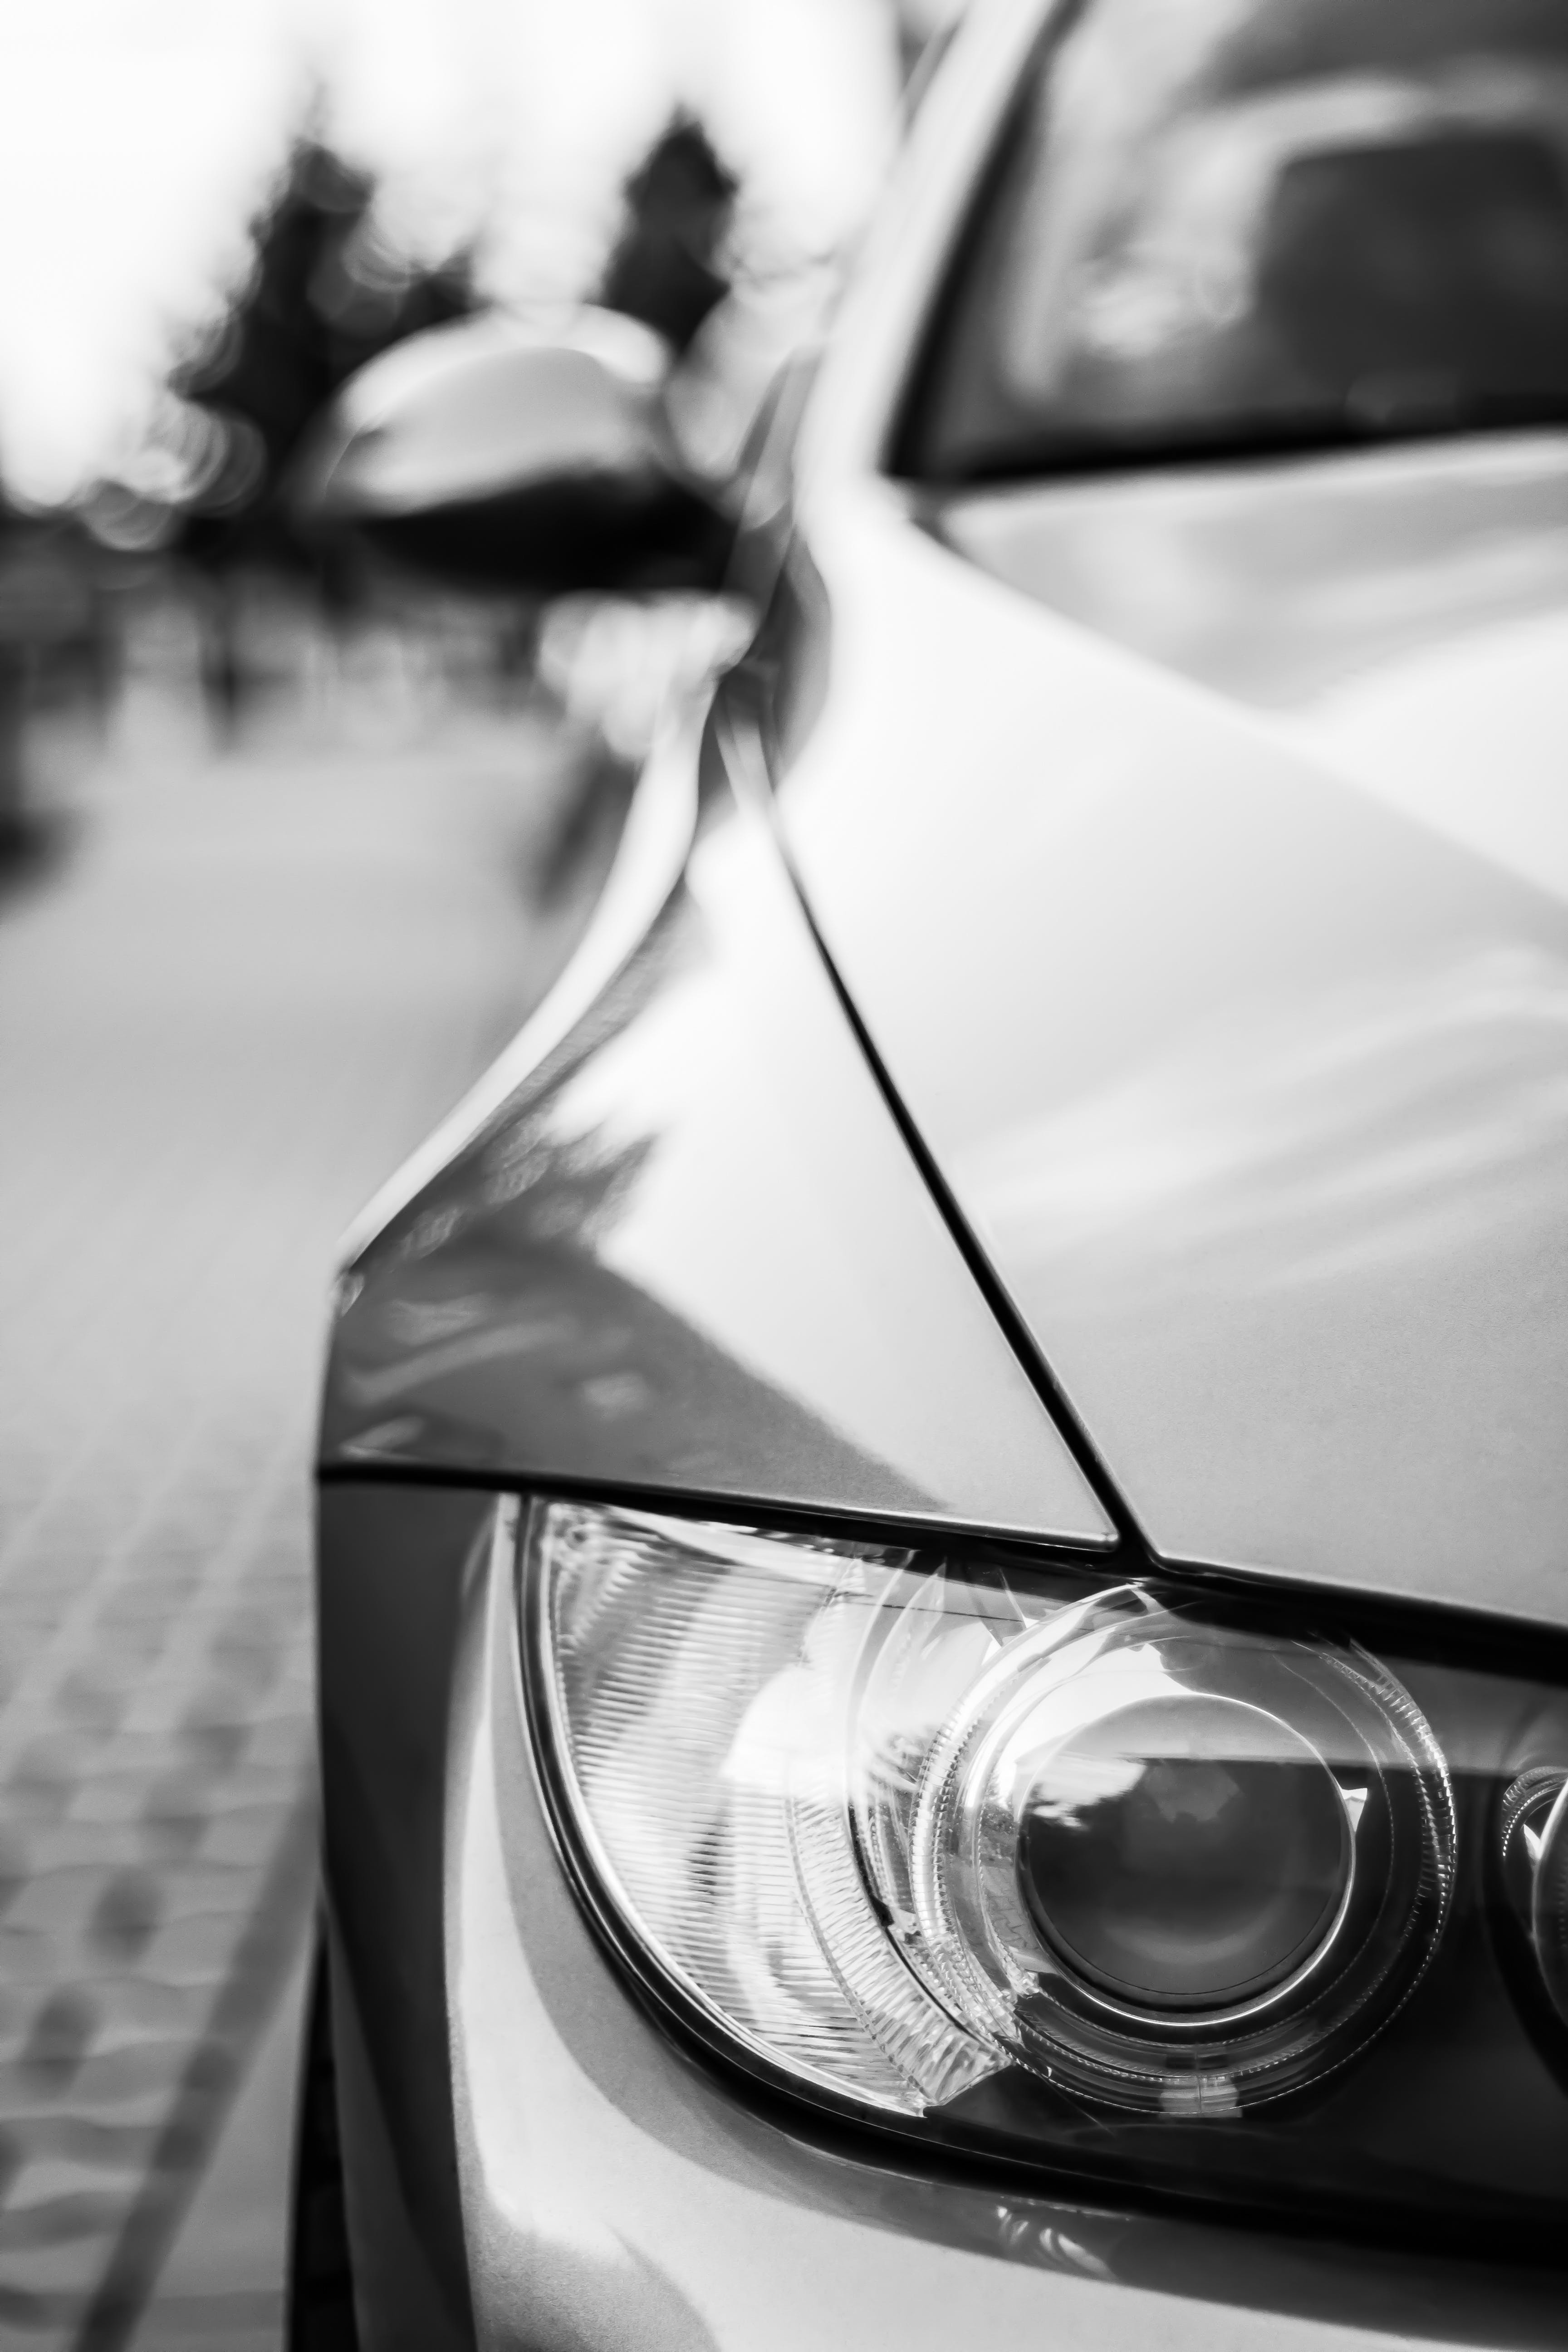 atracció, automòbil, automoció